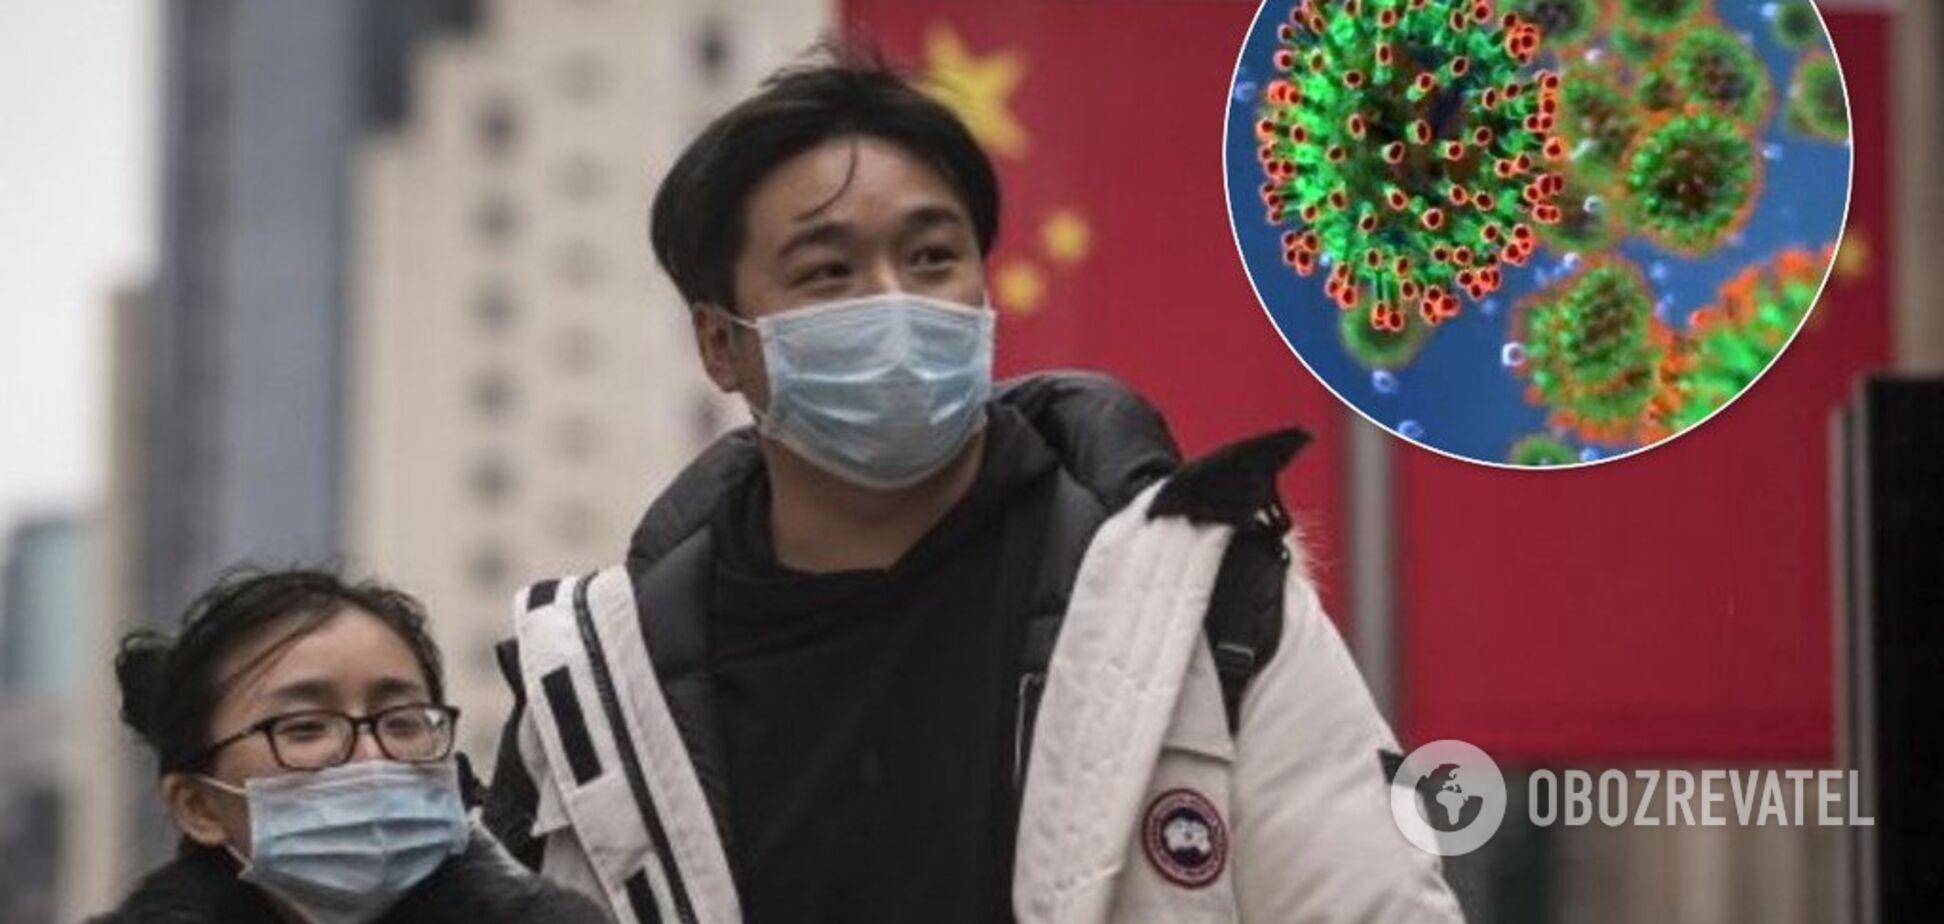 Коронавірус убив понад 700 осіб у світі